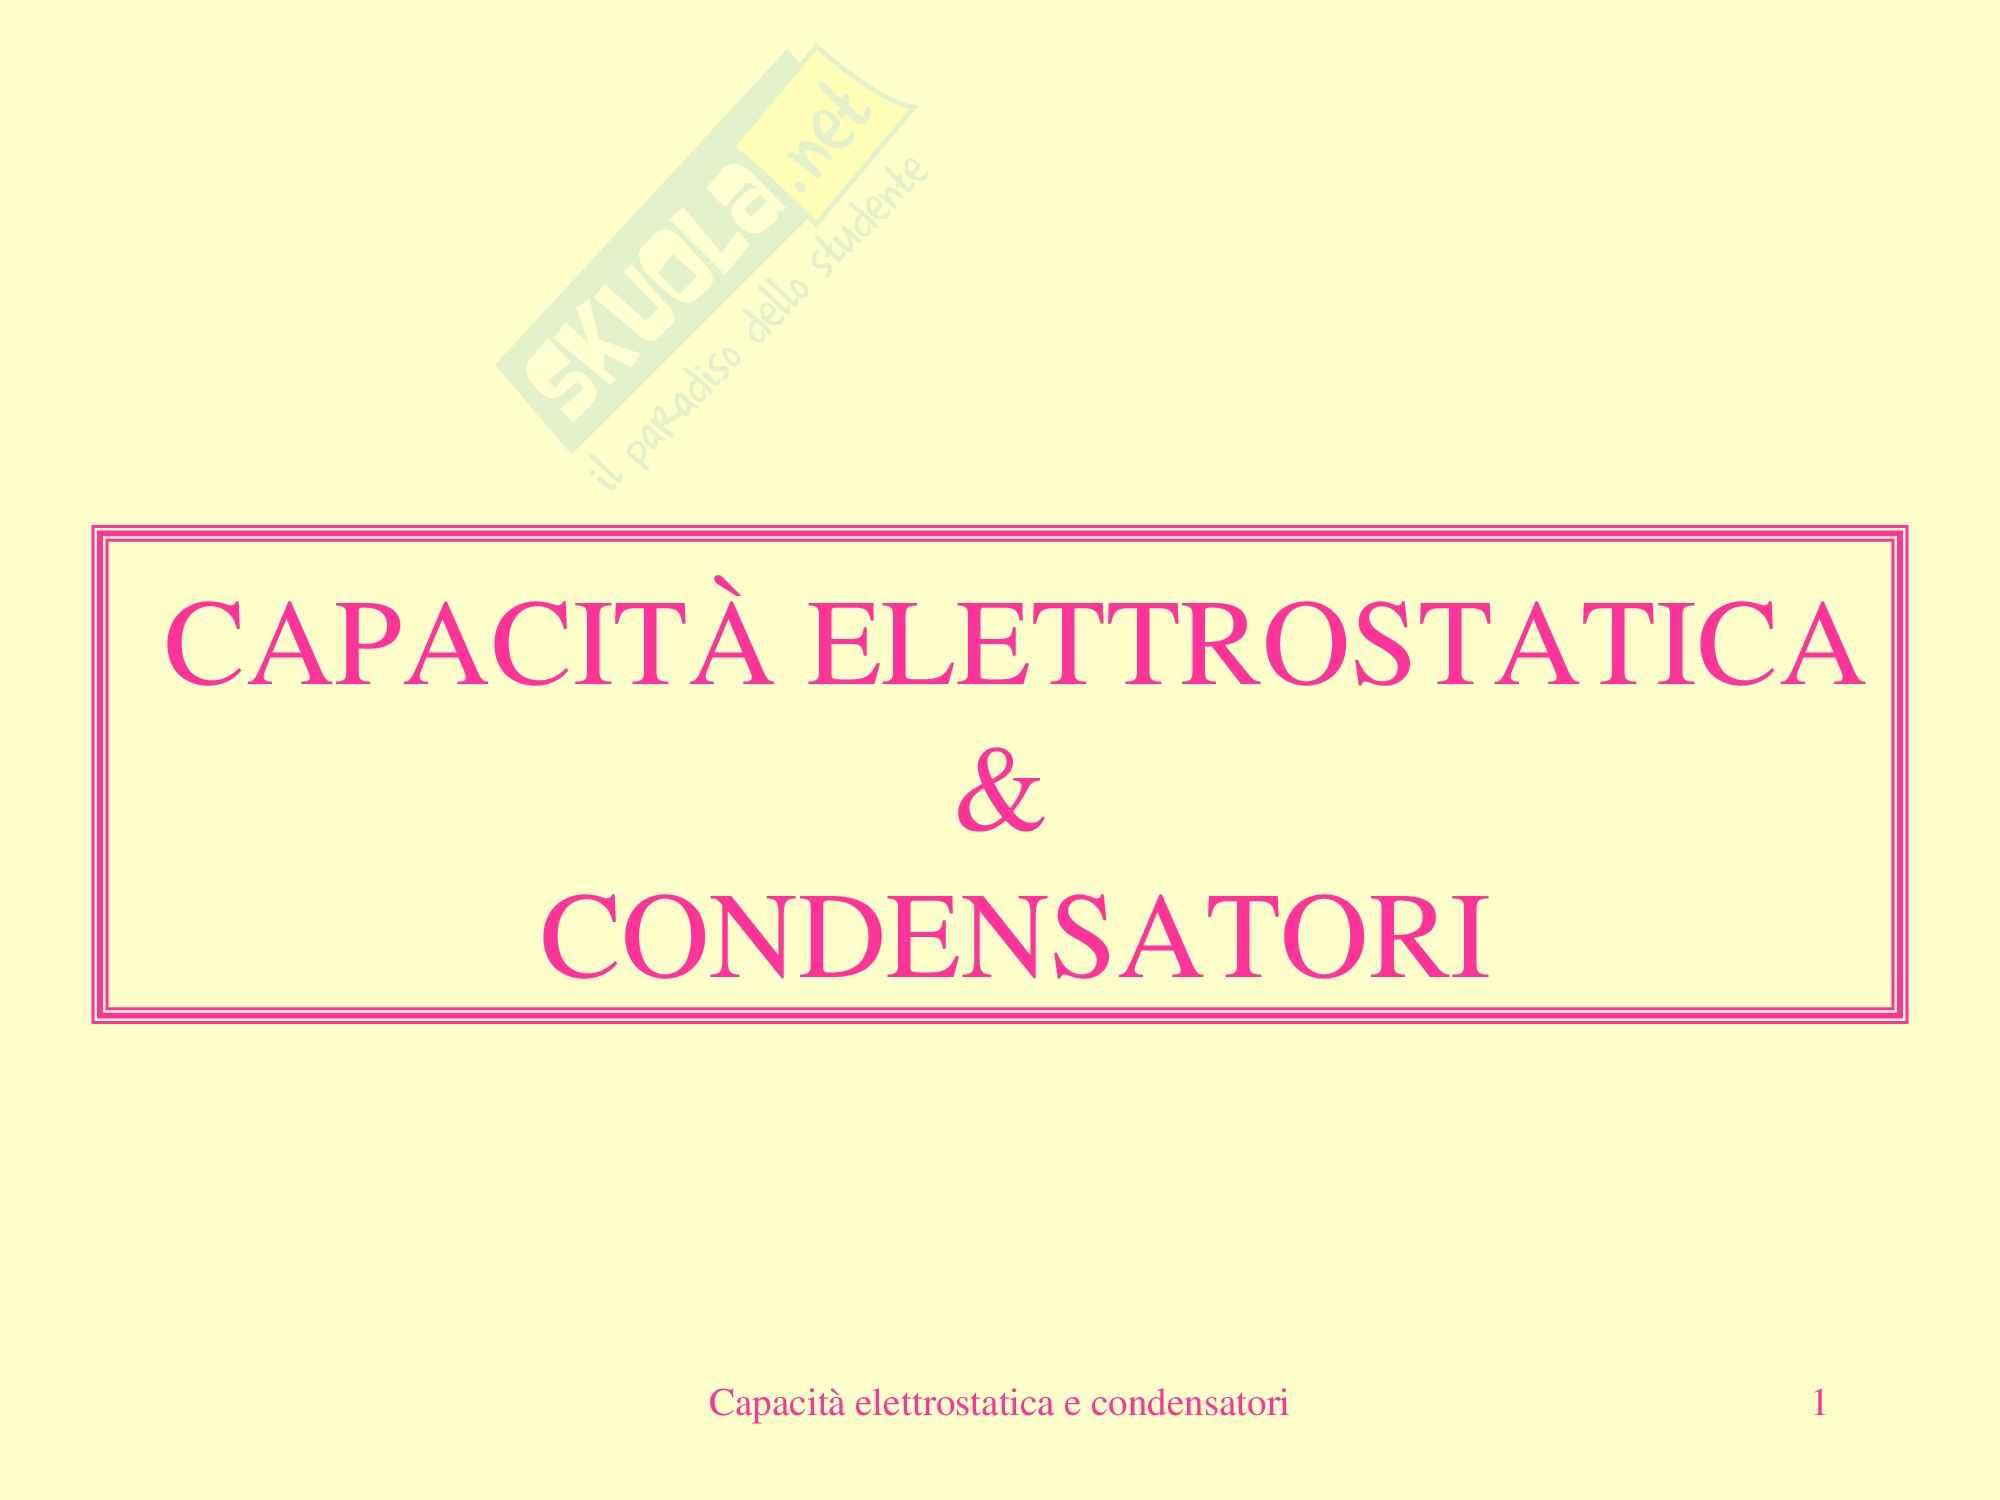 Fisica medica - Capacità elettrostatica e condensatori